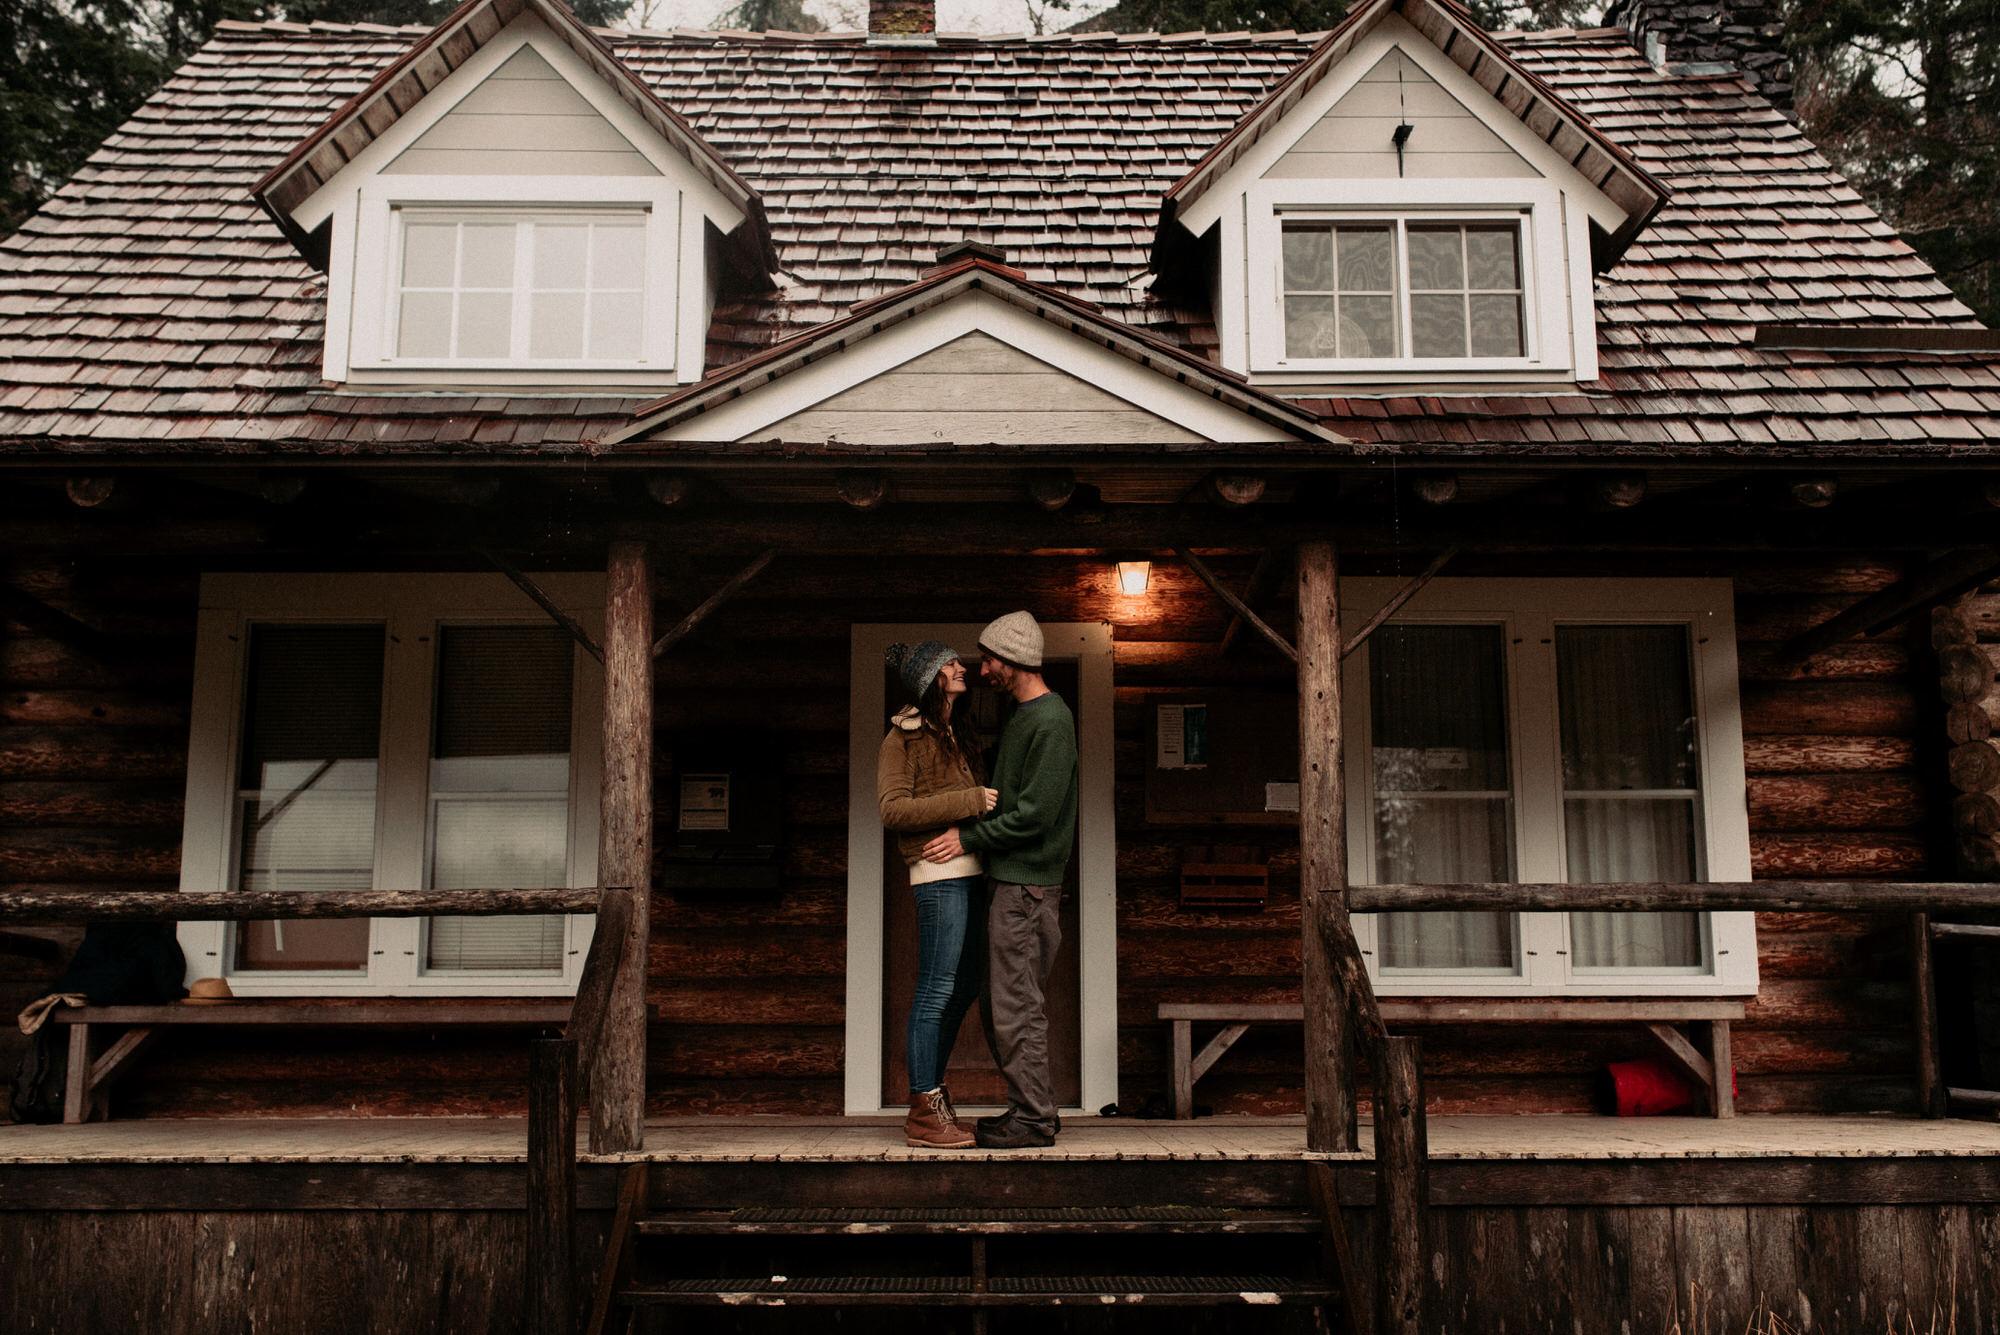 Rainy Olympic Coast Engagements , Lake Crescent Engagements , Olympic Peninsula , Jessica Heron Images, Rainy Engagements , Northwest Photographer jessicaheronimages.com:blog 1005.jpg